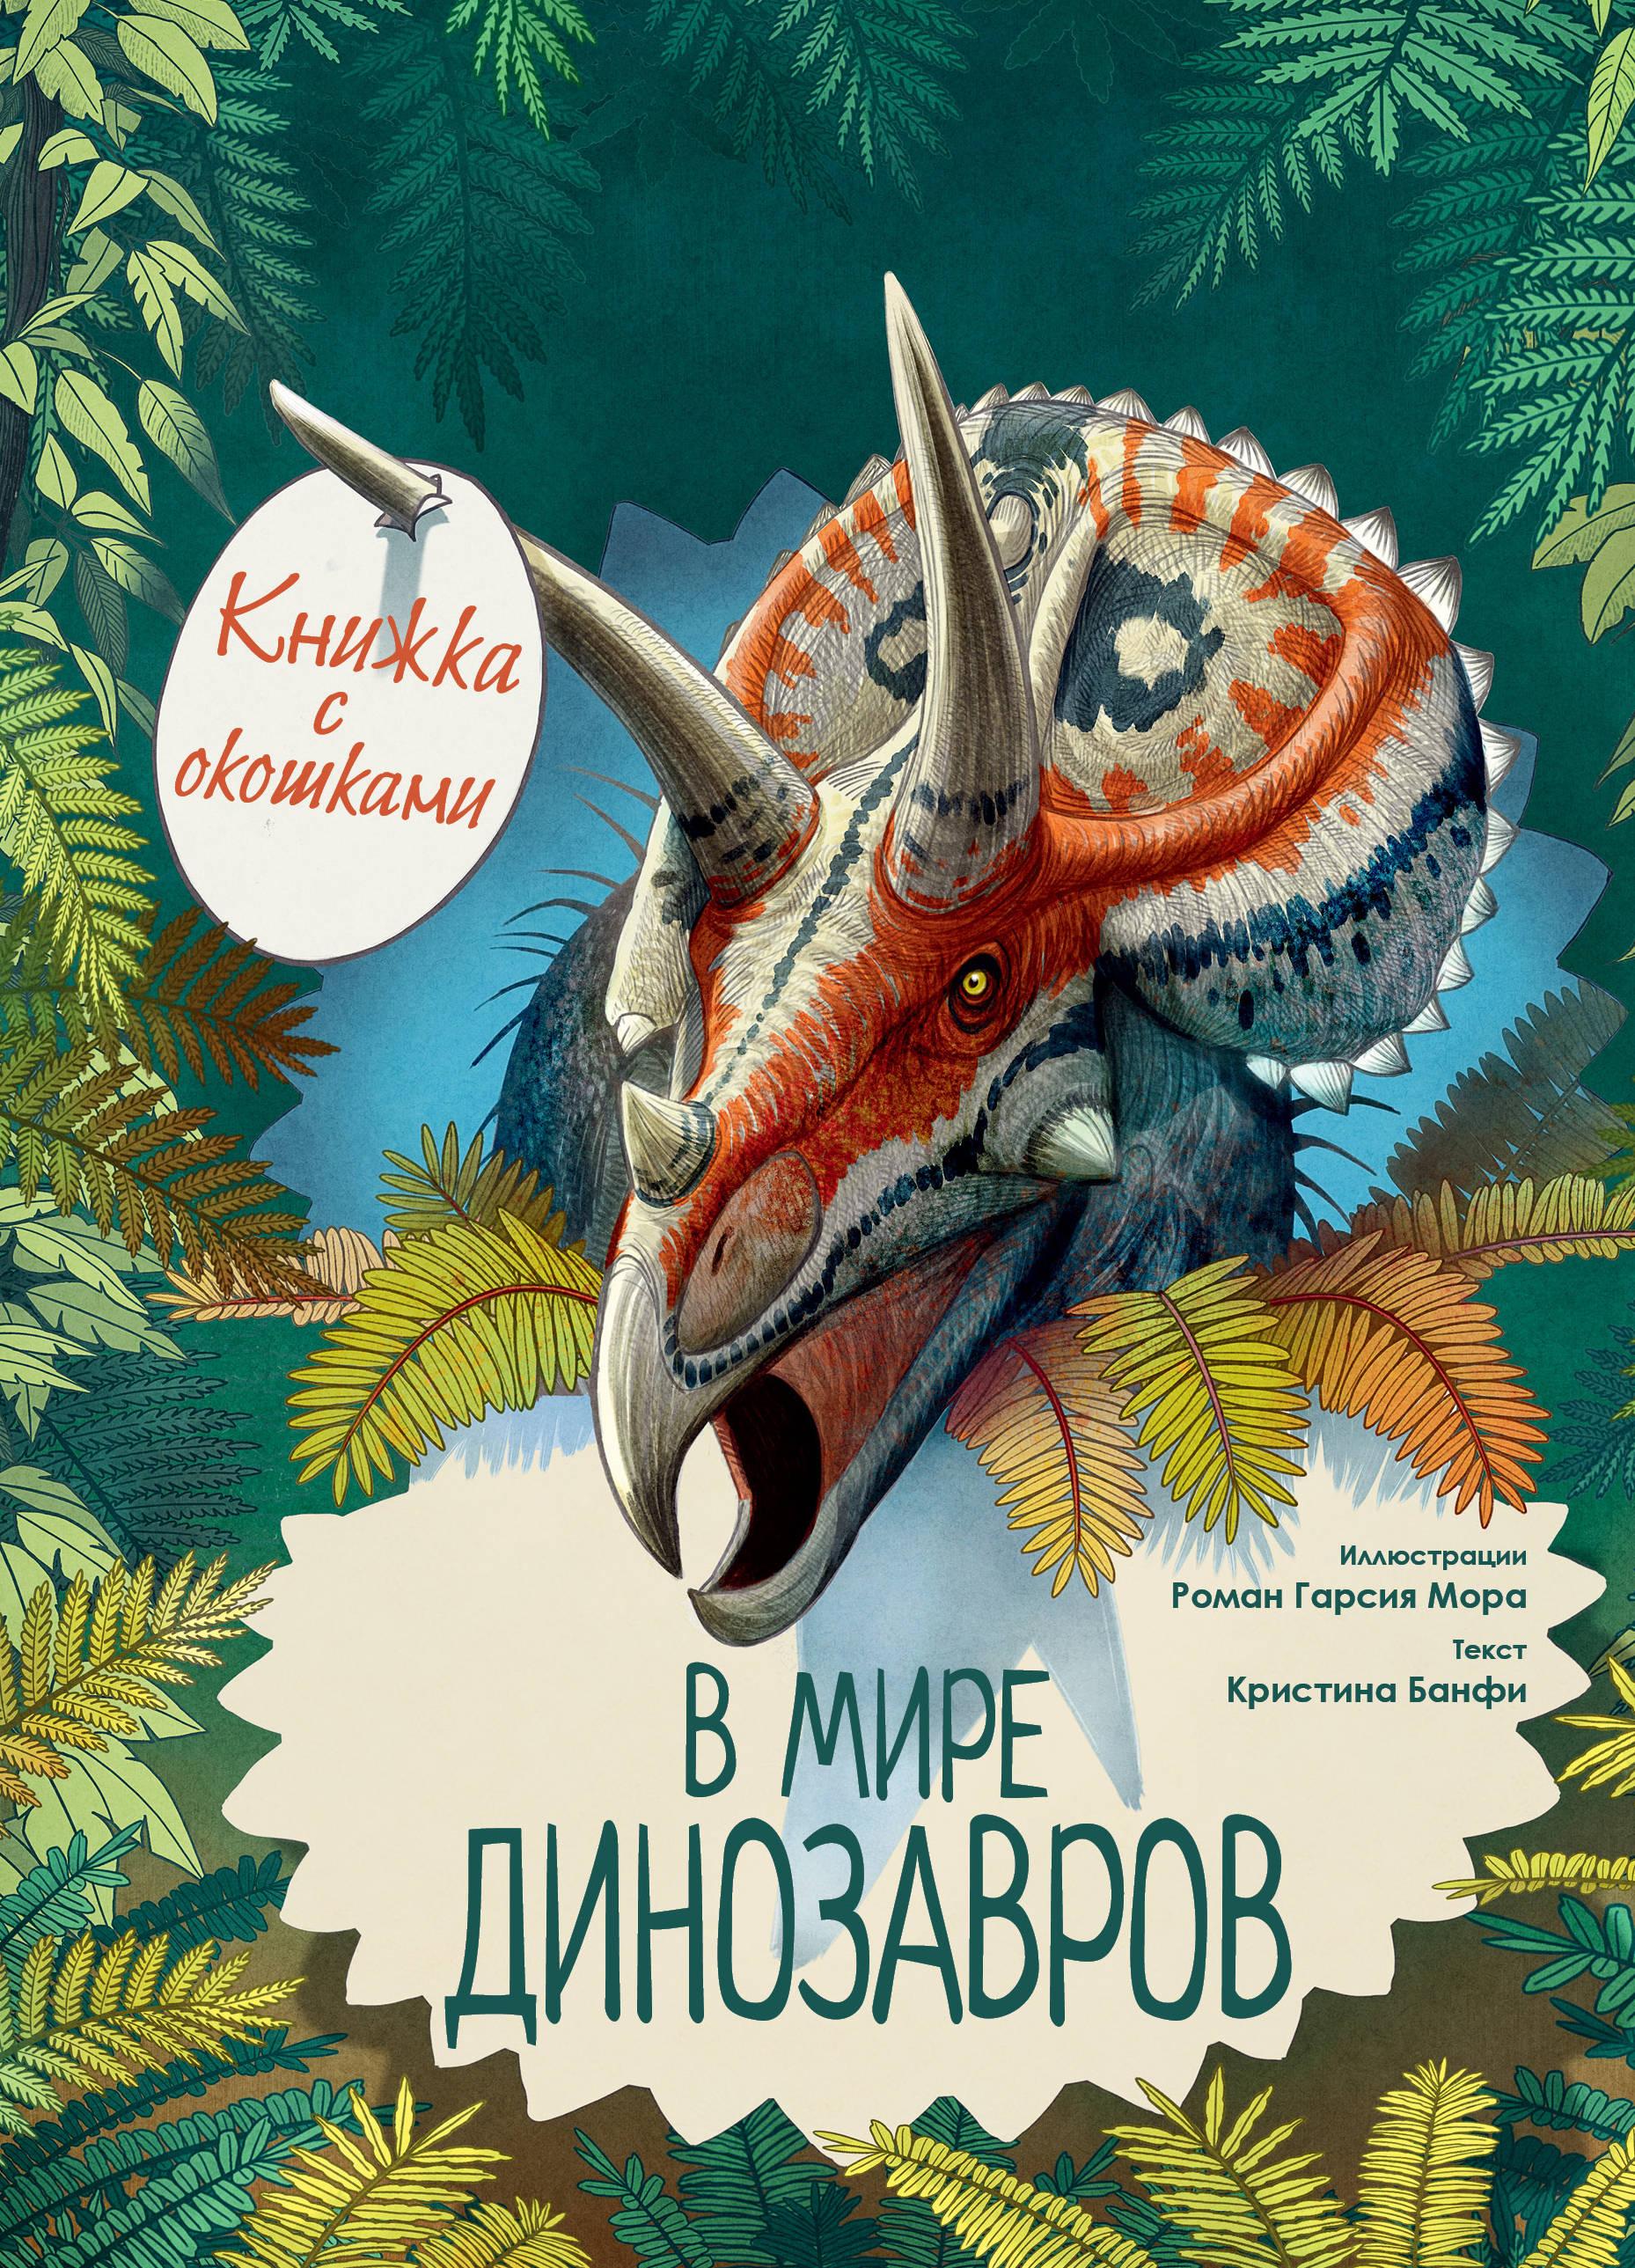 В мире динозавров. Книжка с окошками ( Кристина Банфи  )